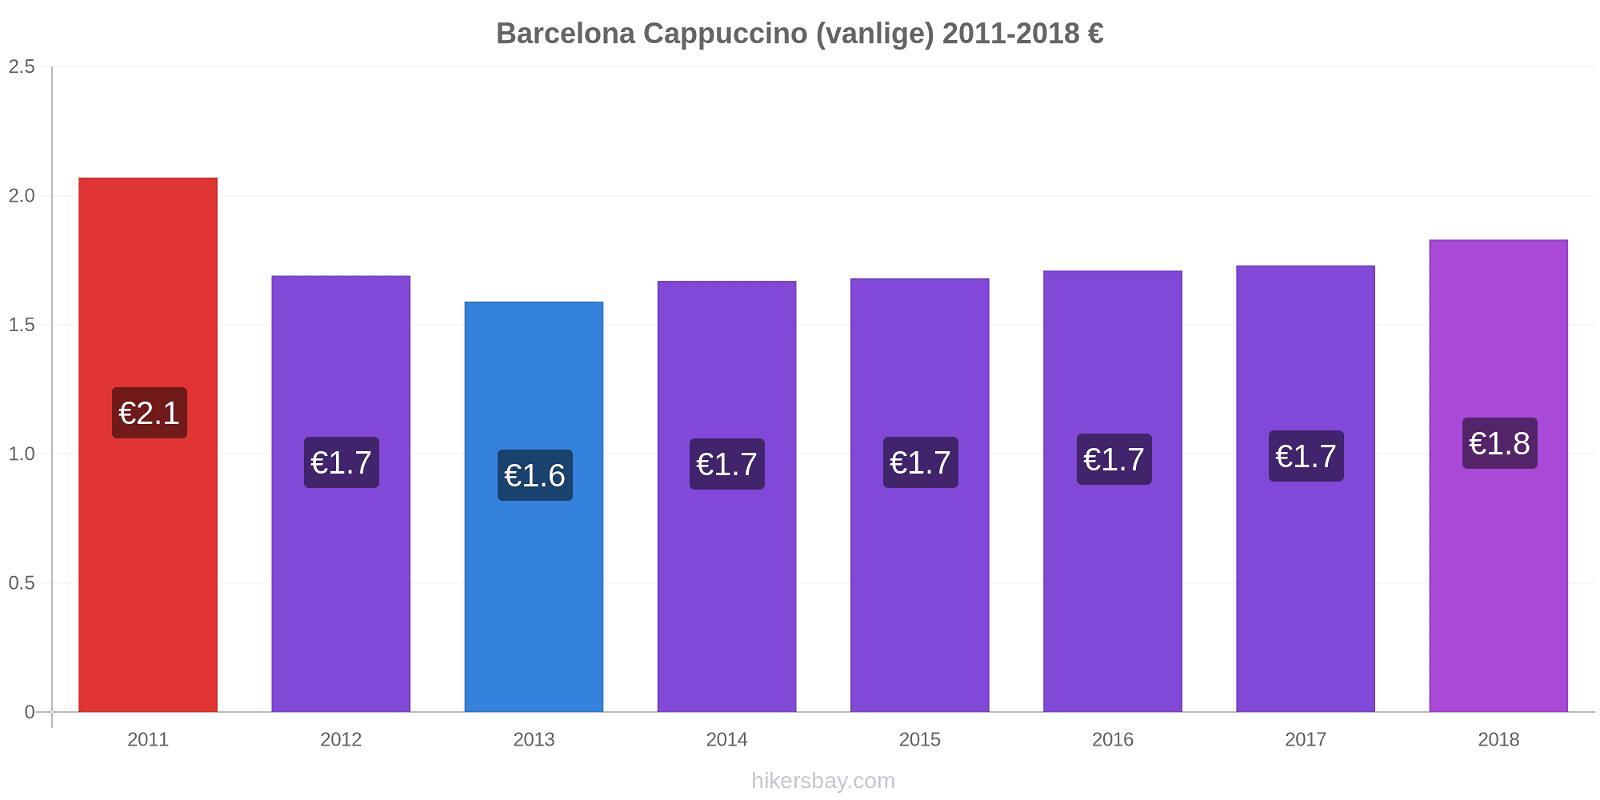 Barcelona prisendringer Cappuccino (vanlige) hikersbay.com